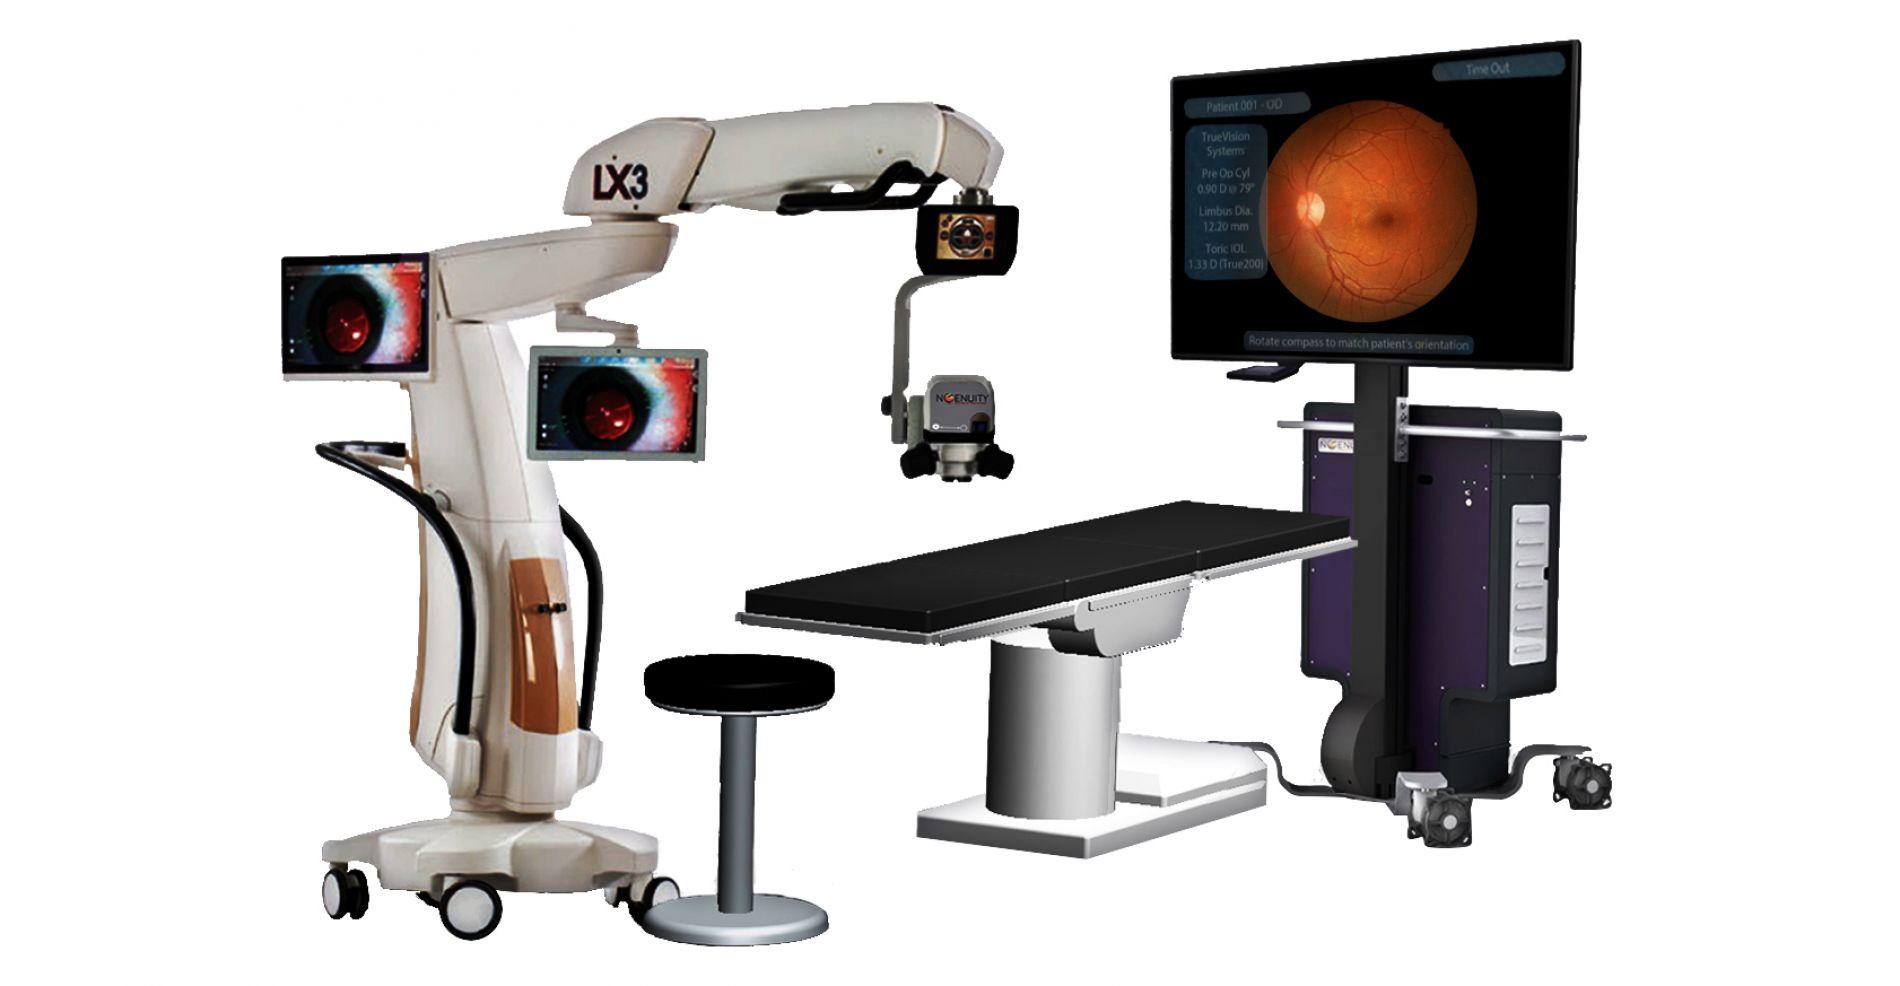 Le service d'ophtalmologie de la Clinique Juge s'équipe d'un INGENUITY 3D, une 1ère en France